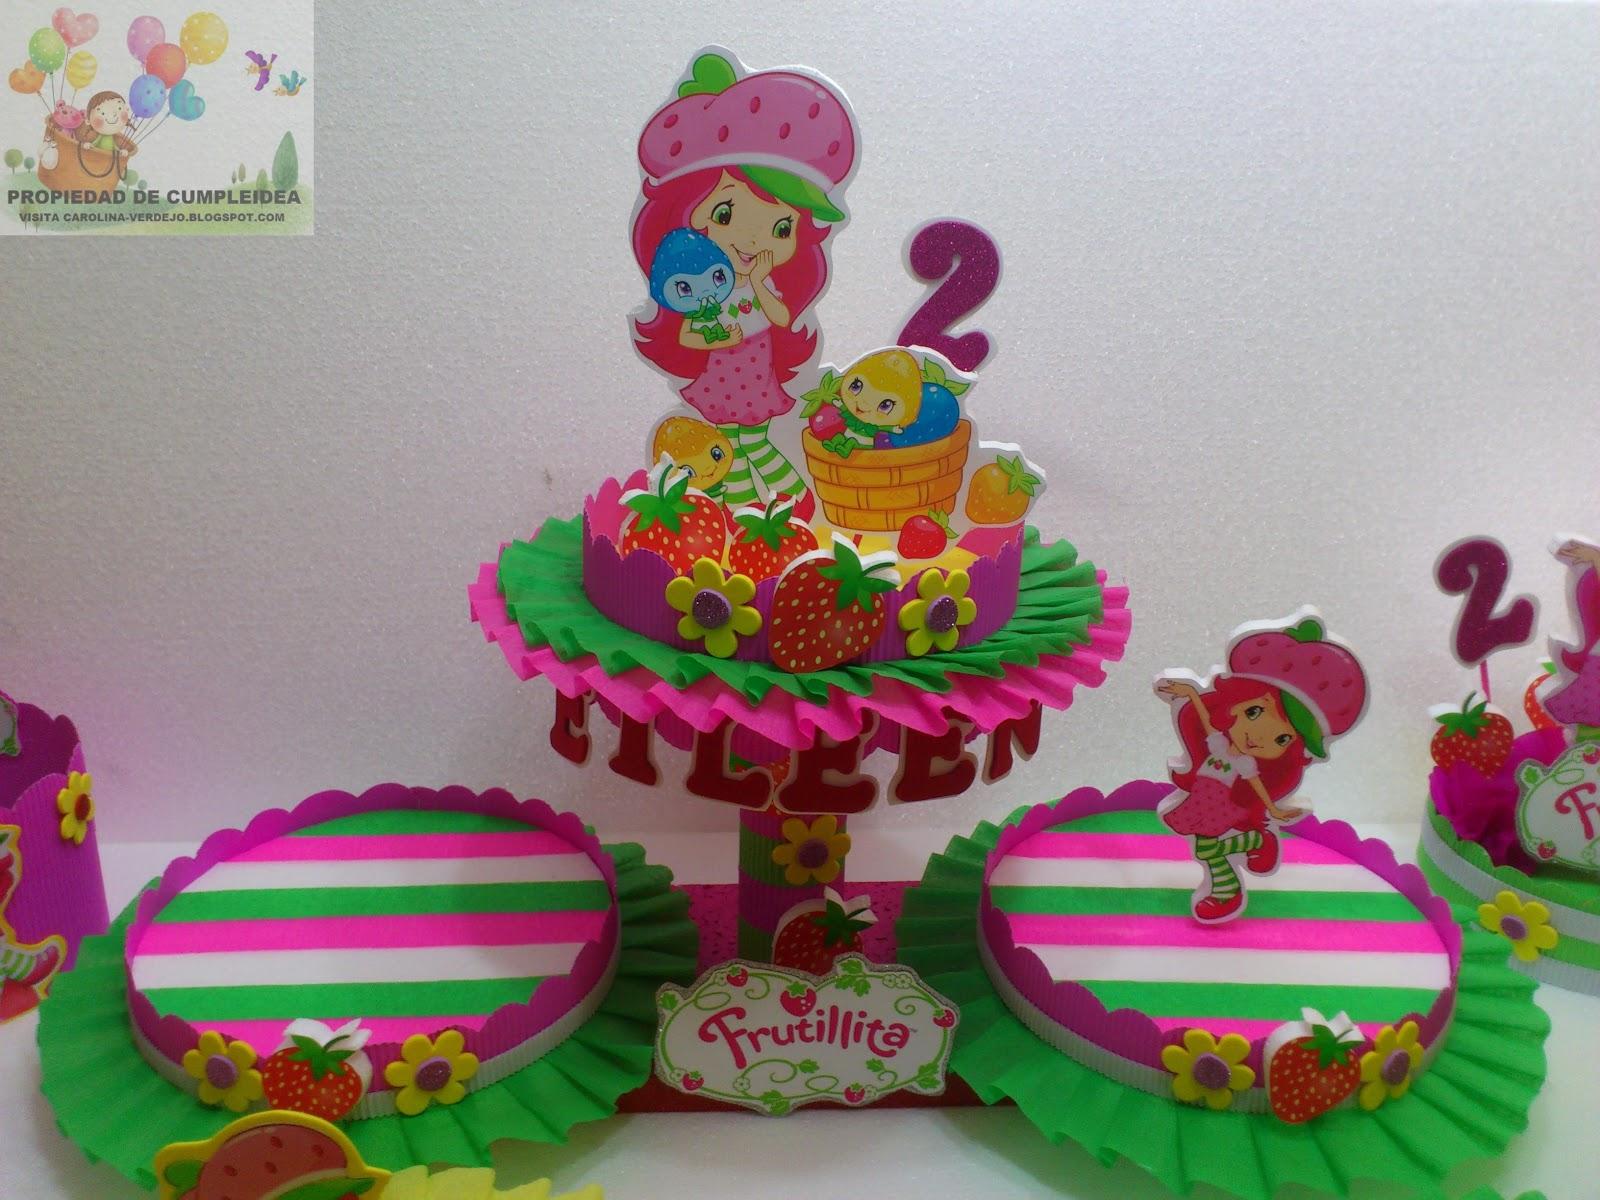 Decoraciones infantiles frutillita aventuras en tuti fruti for Decoraciones infantiles